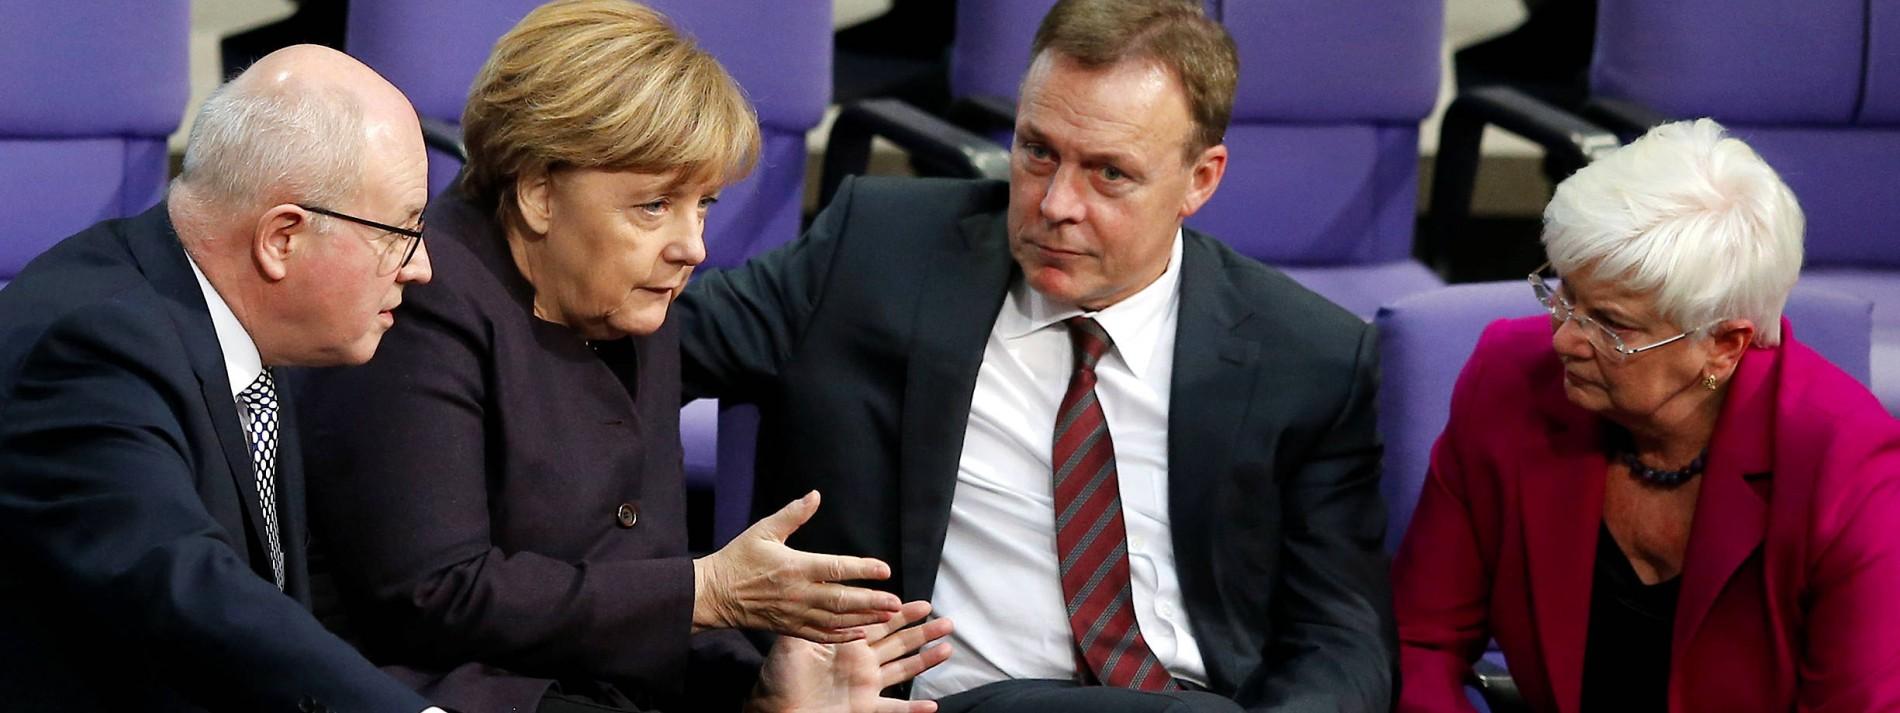 Politiker vom Schlage Oppermanns